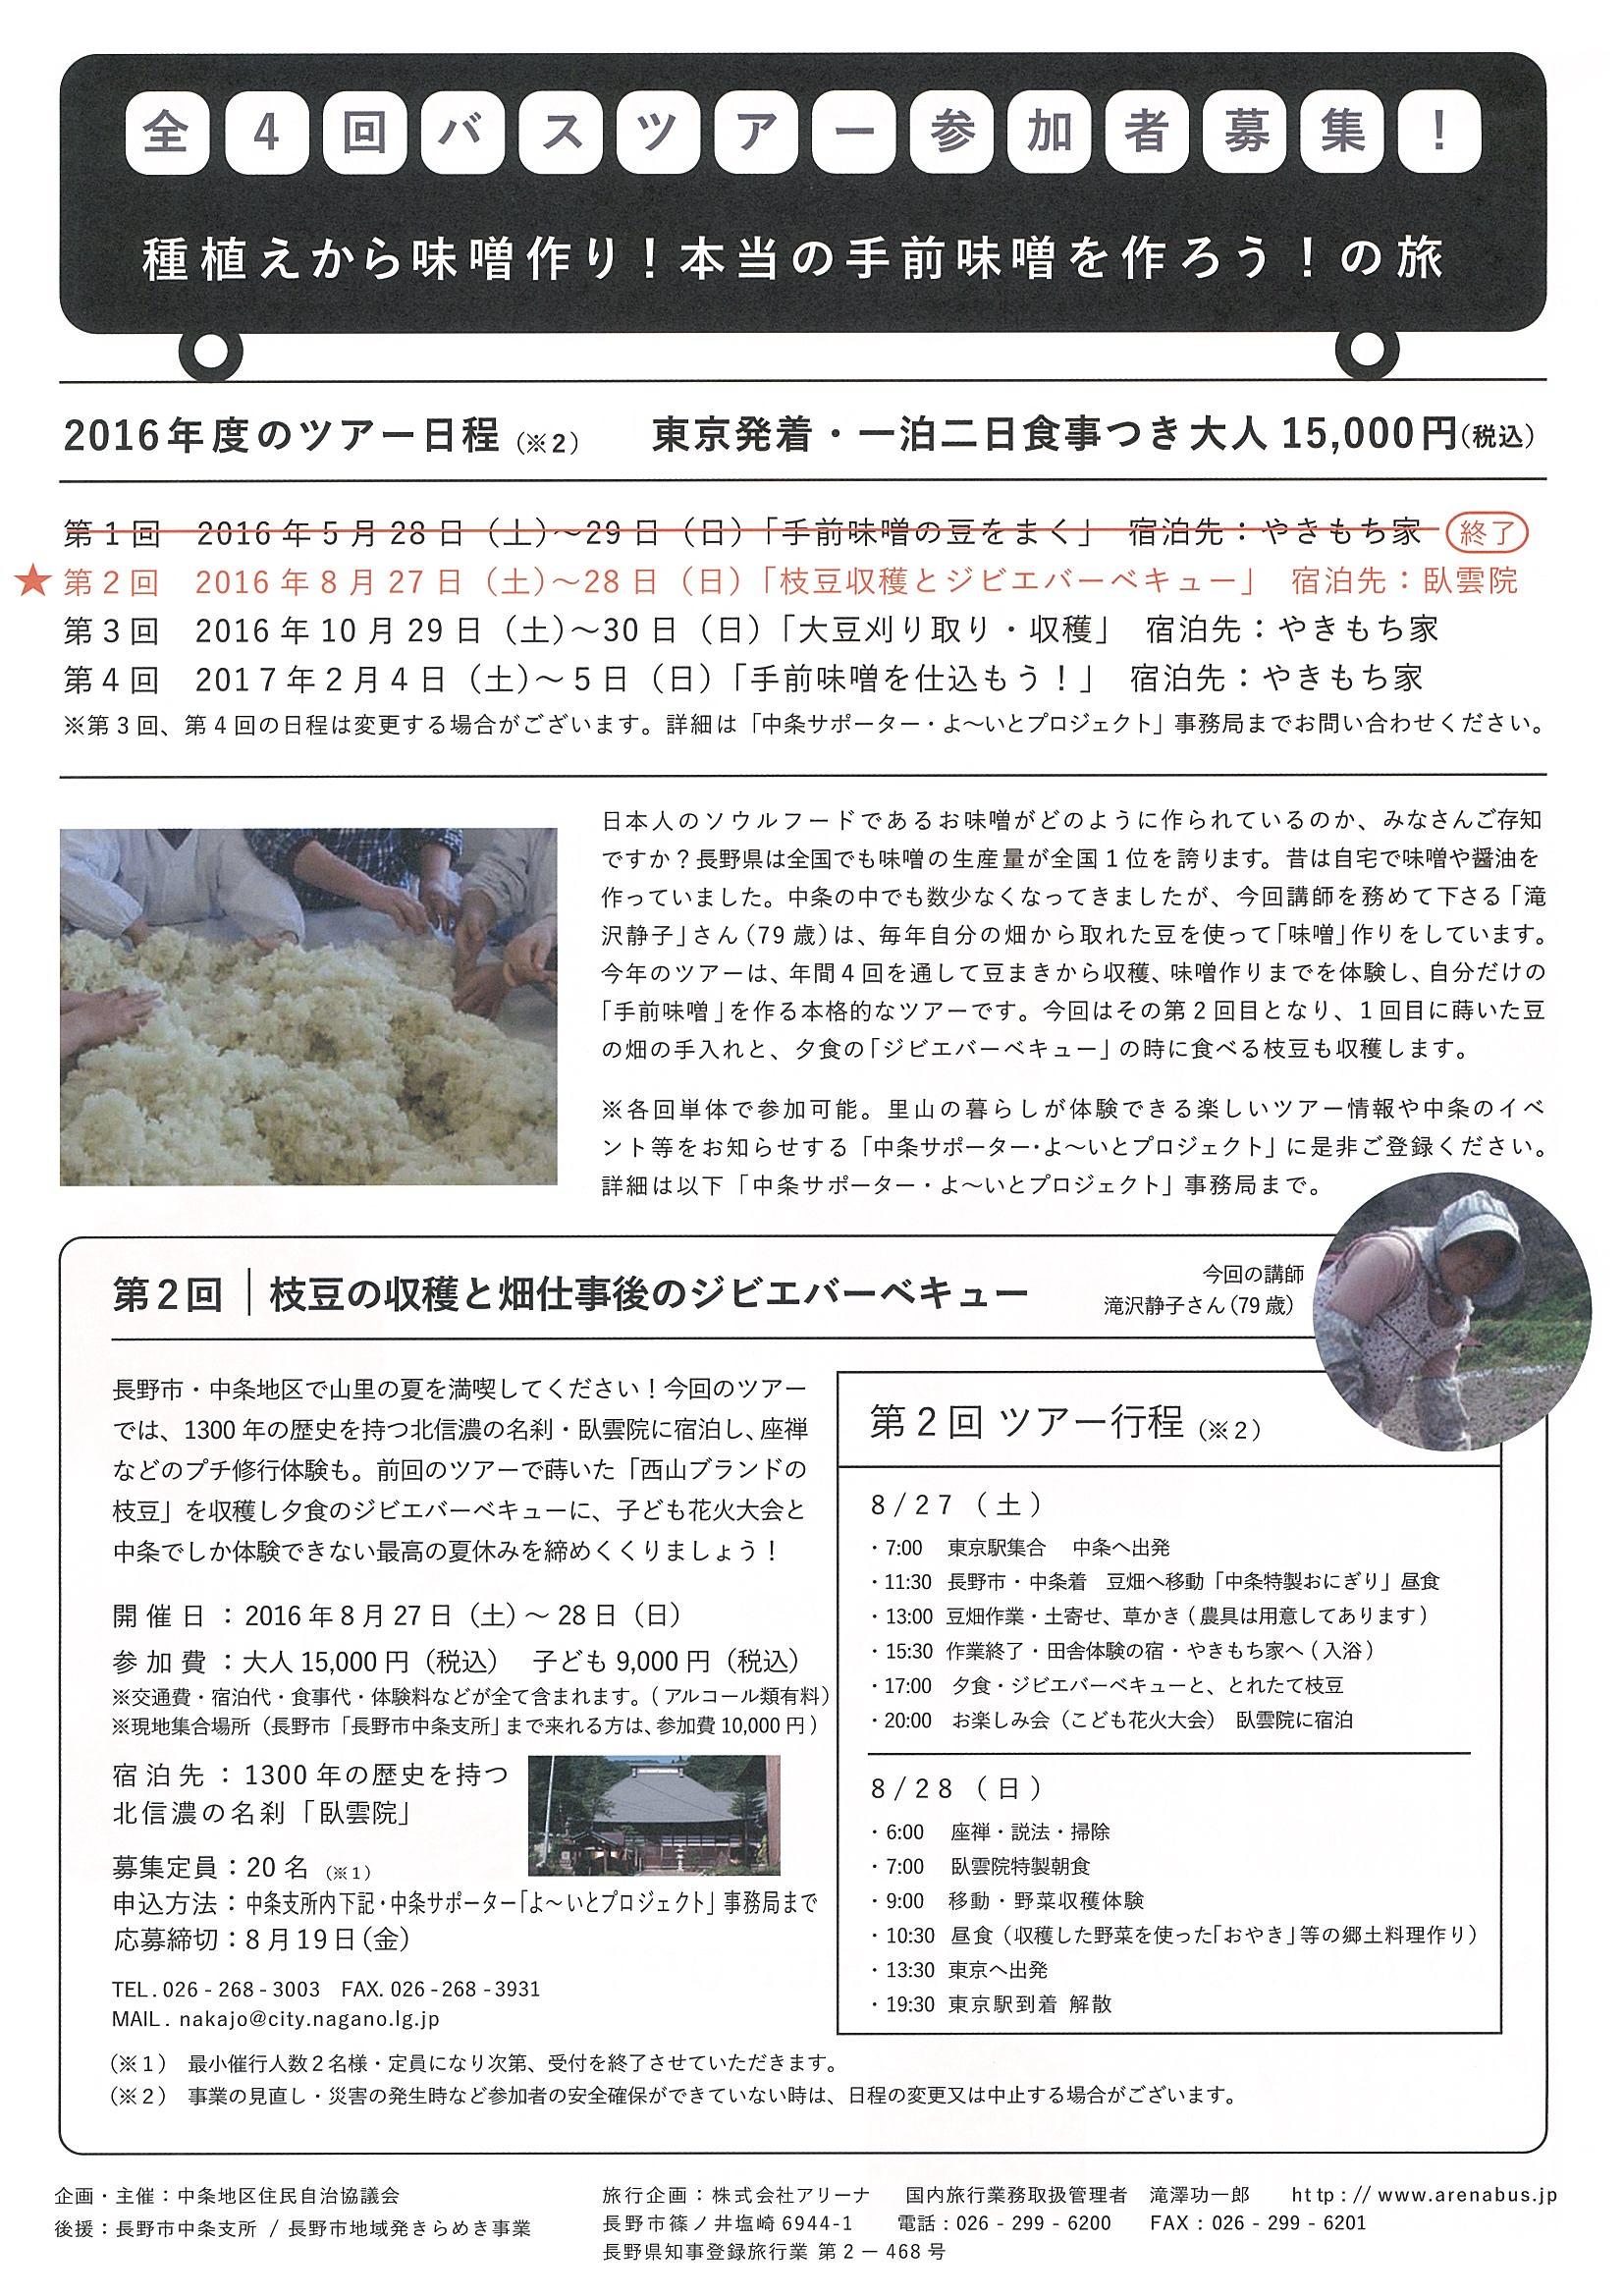 よーいと通信vol2-2.jpg